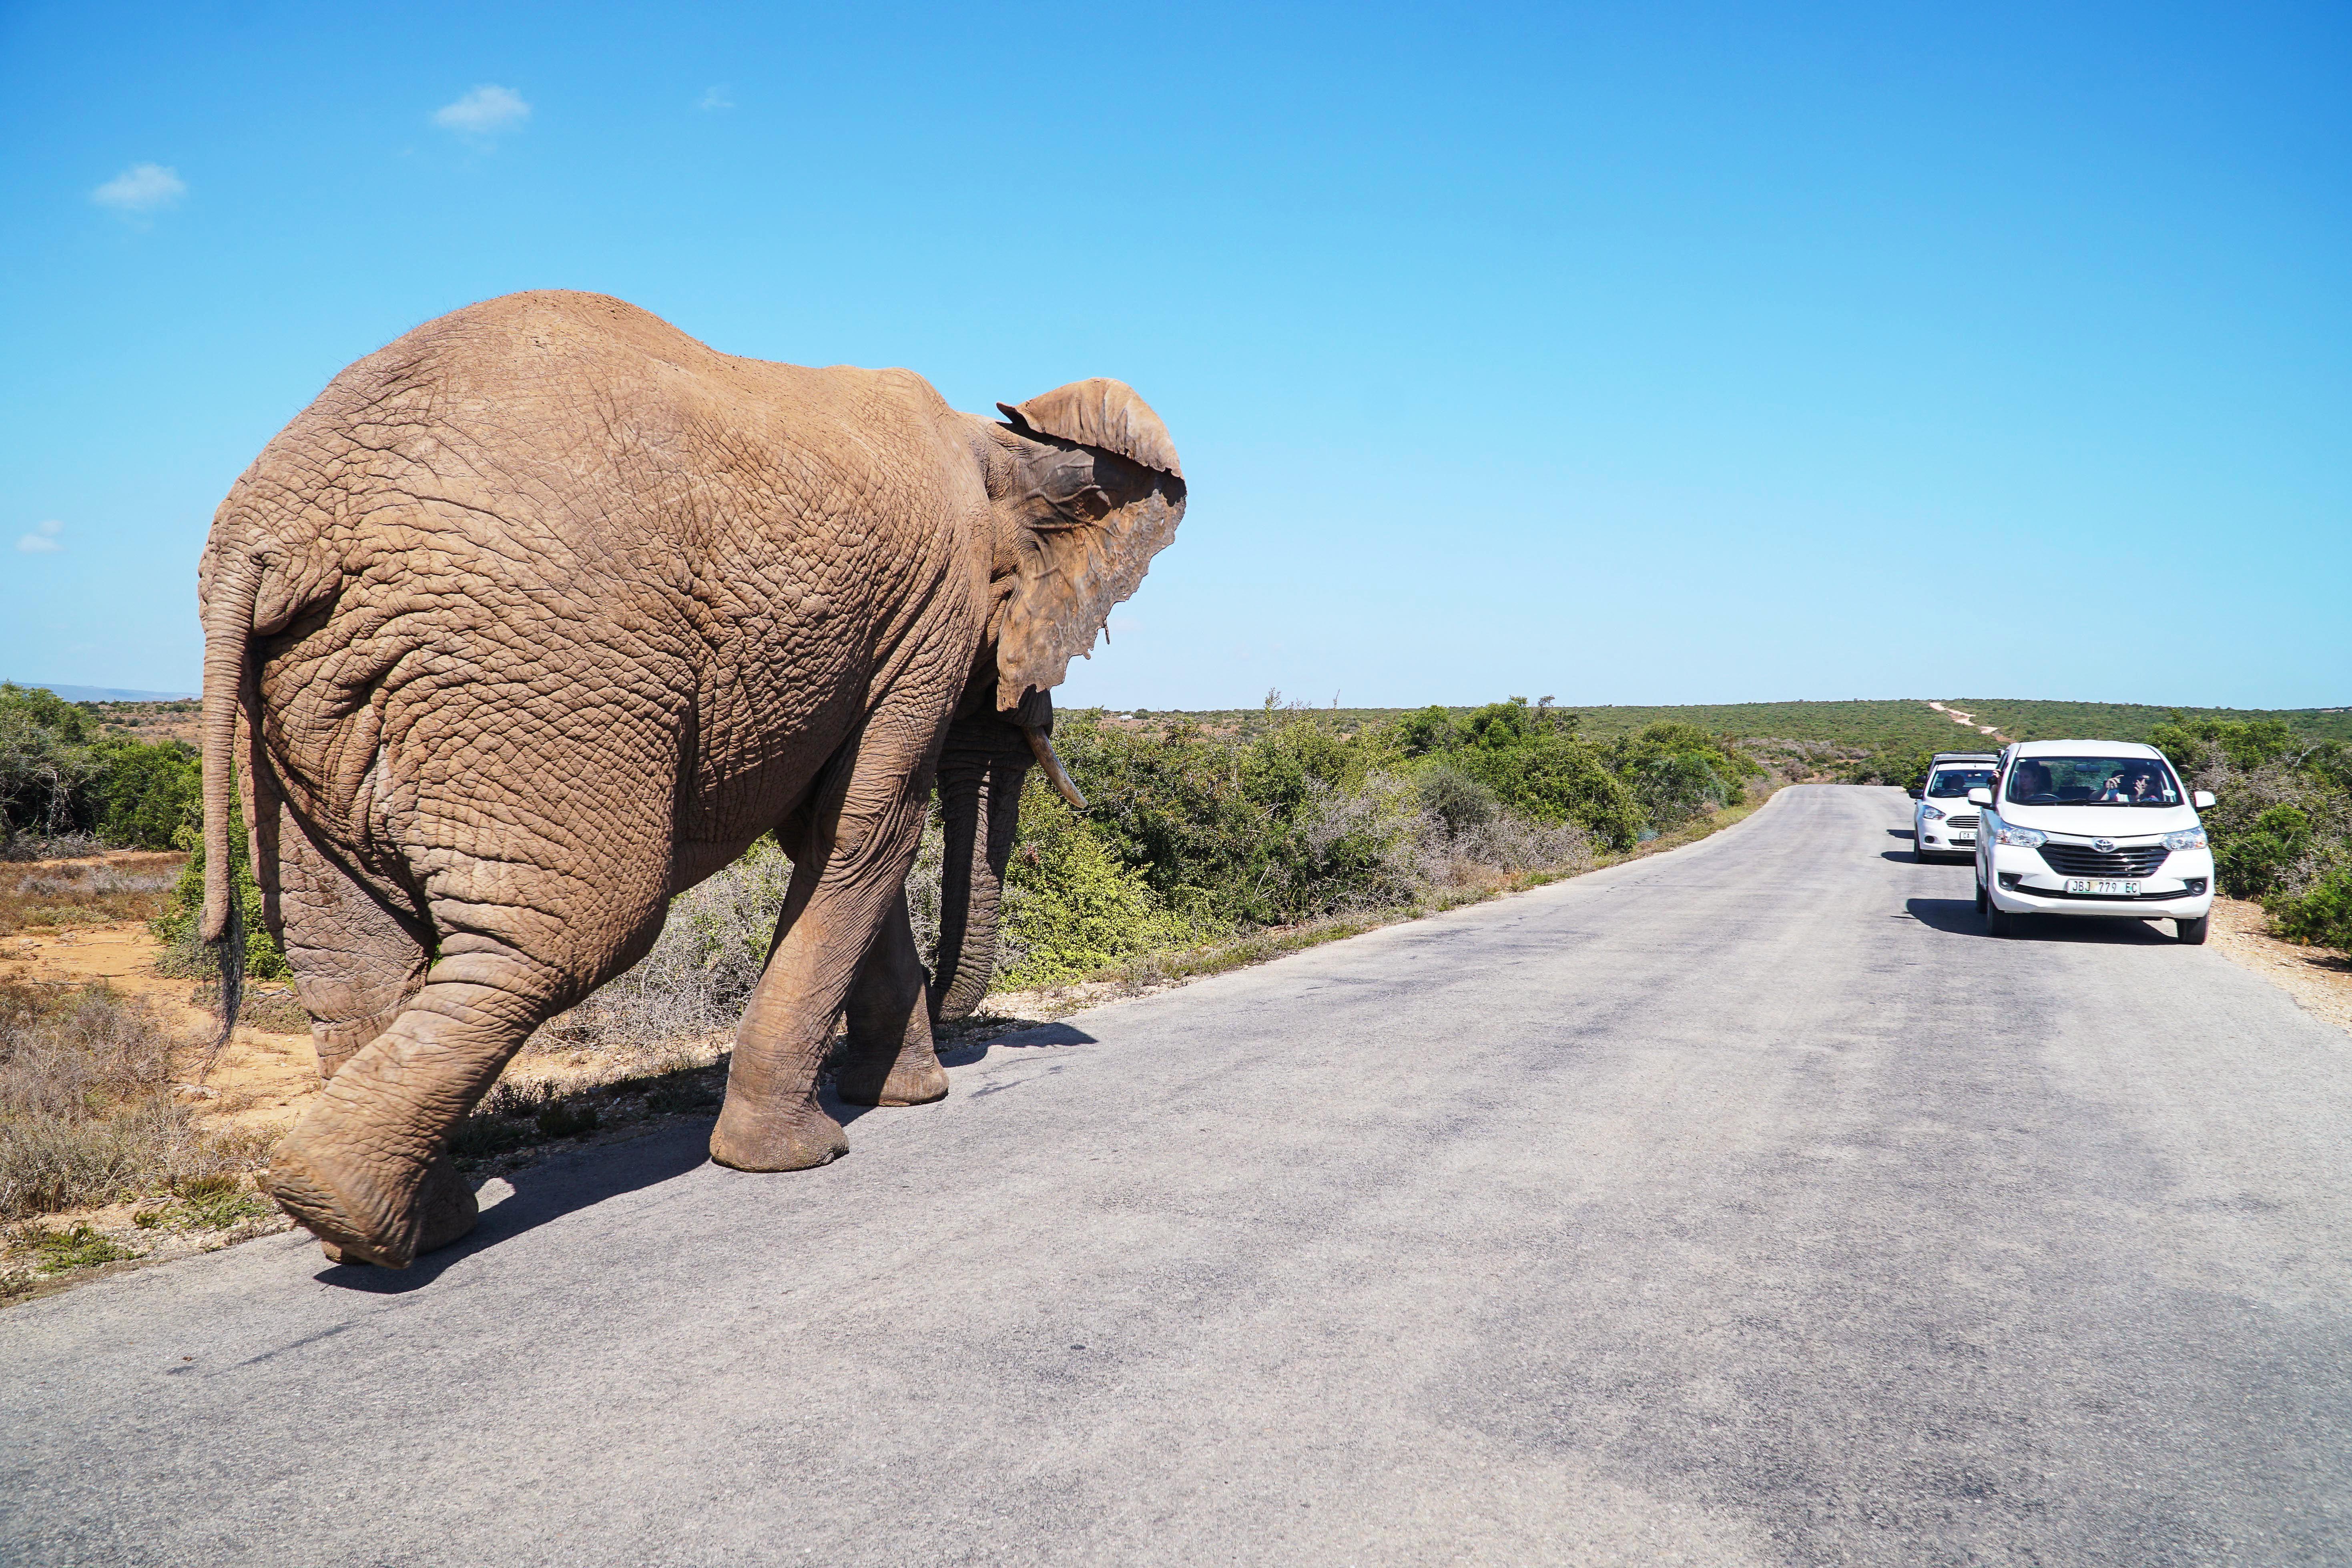 Elefante caminando por una carretera junto a vehículos en Sudáfrica